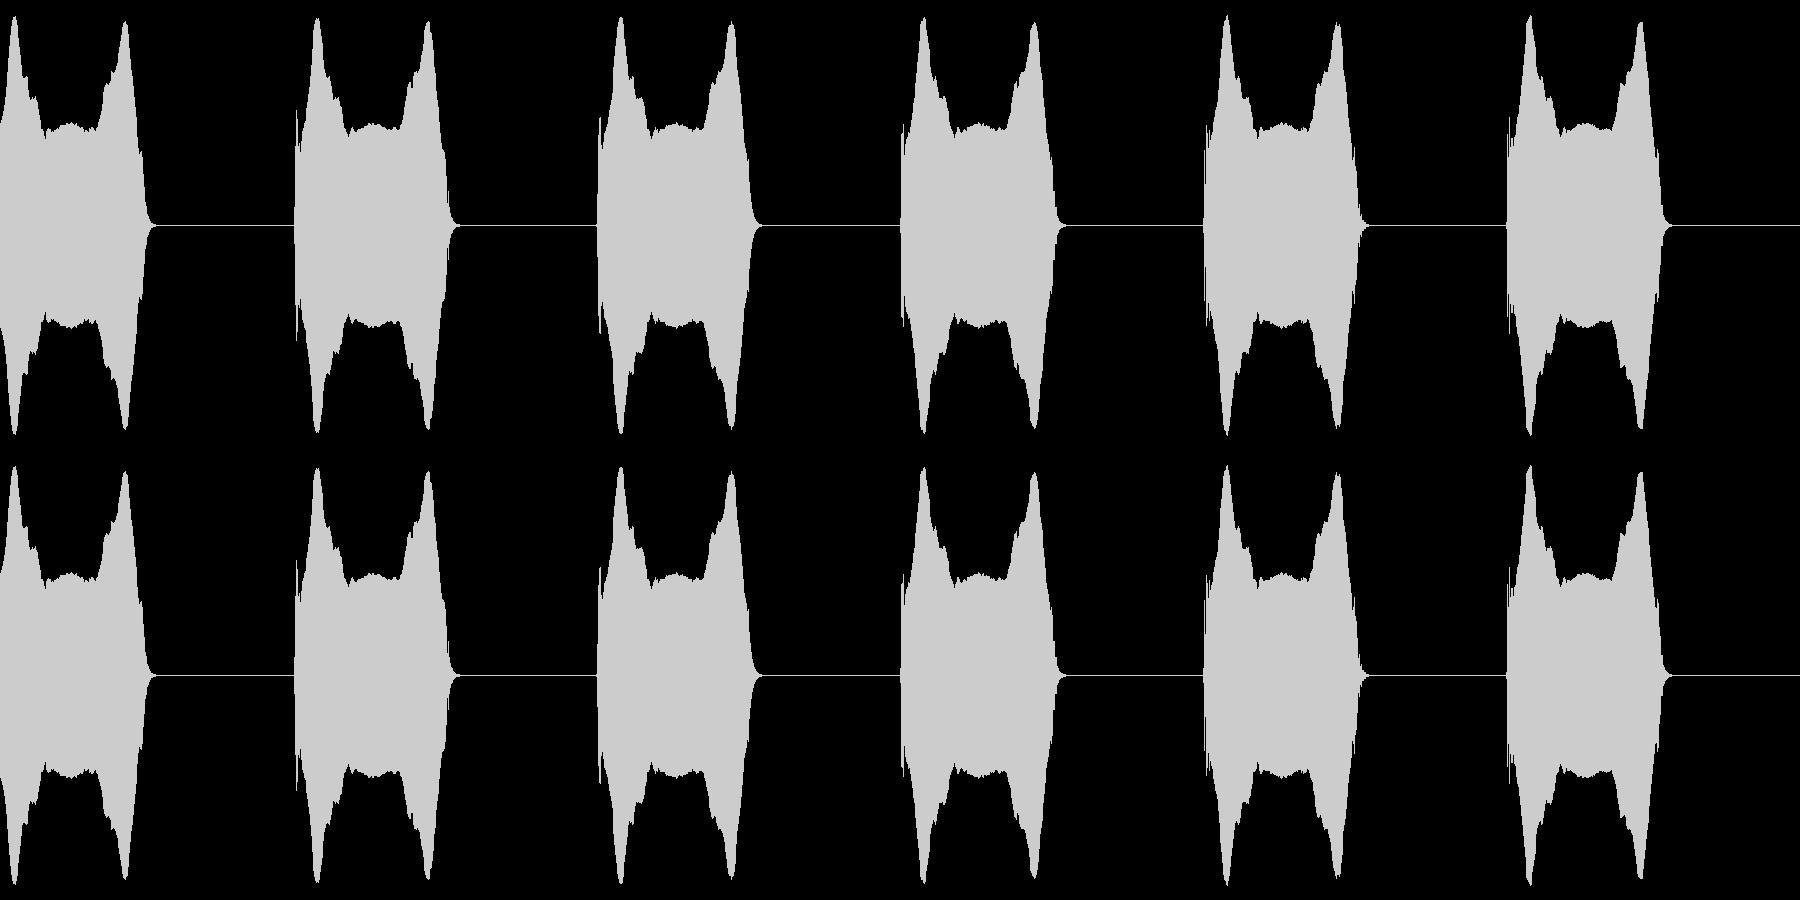 「ウーウーウーウー(サイレン)」の未再生の波形